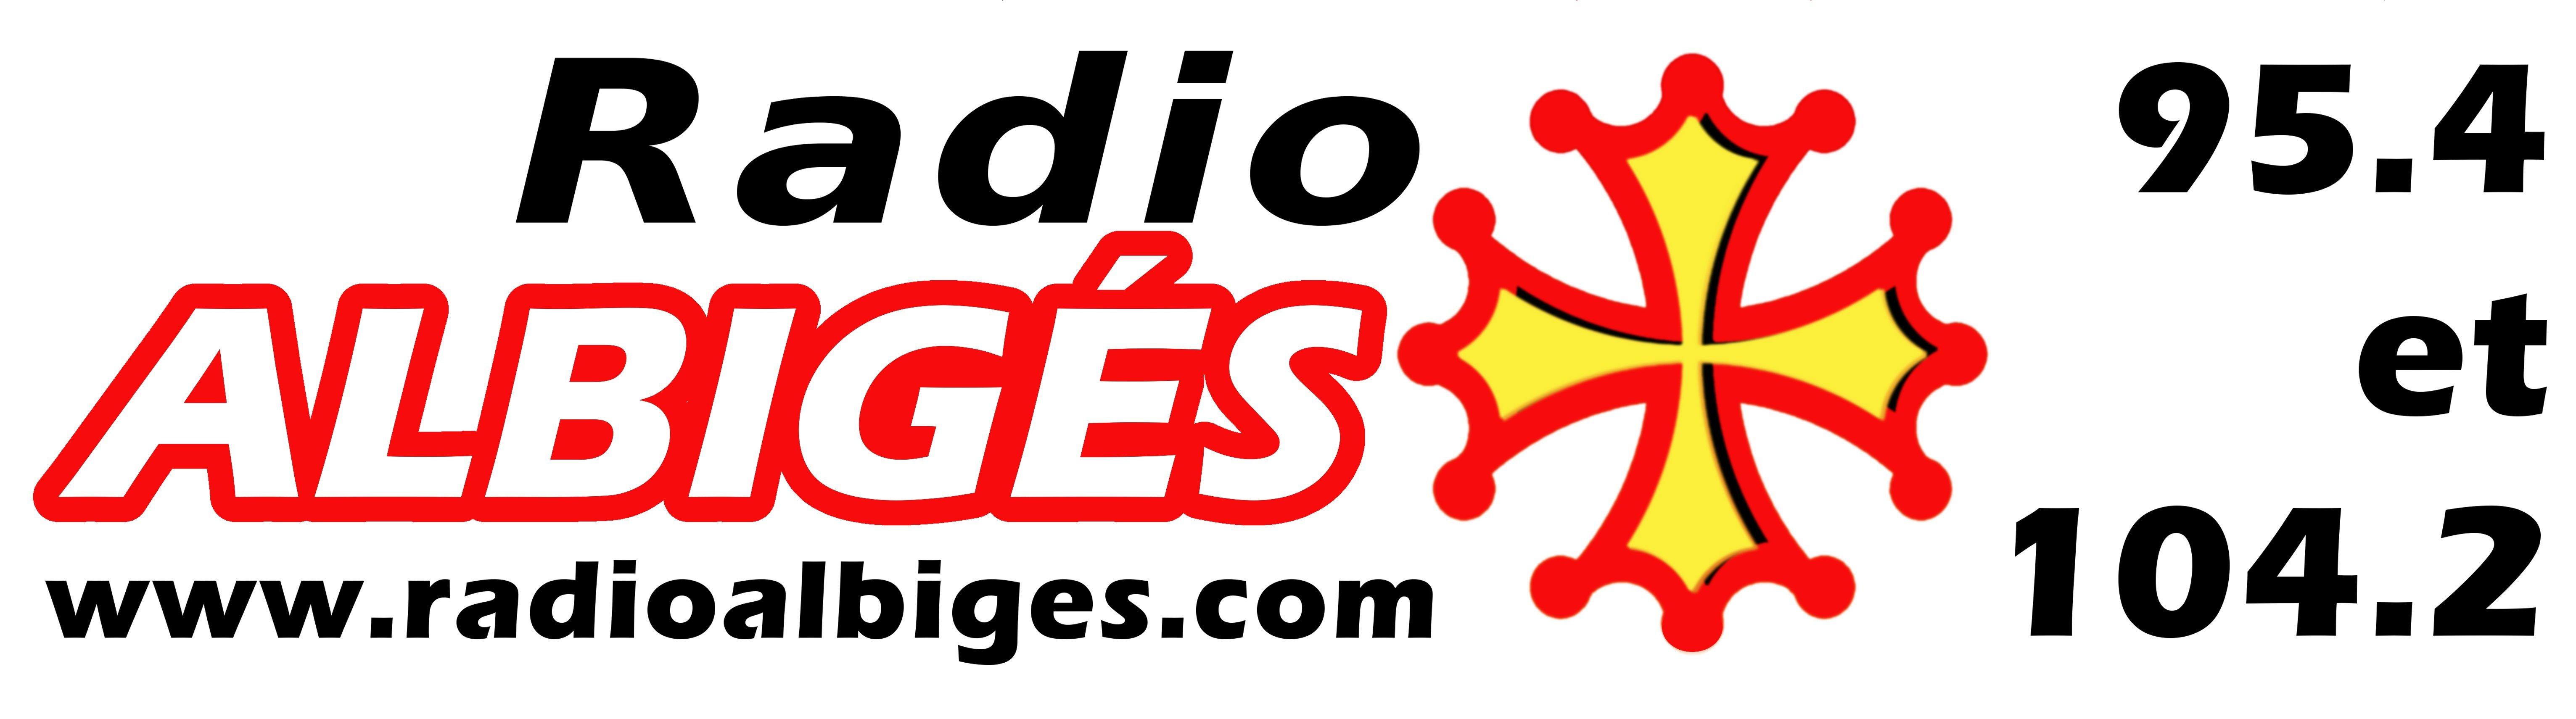 logo-albiges-2015